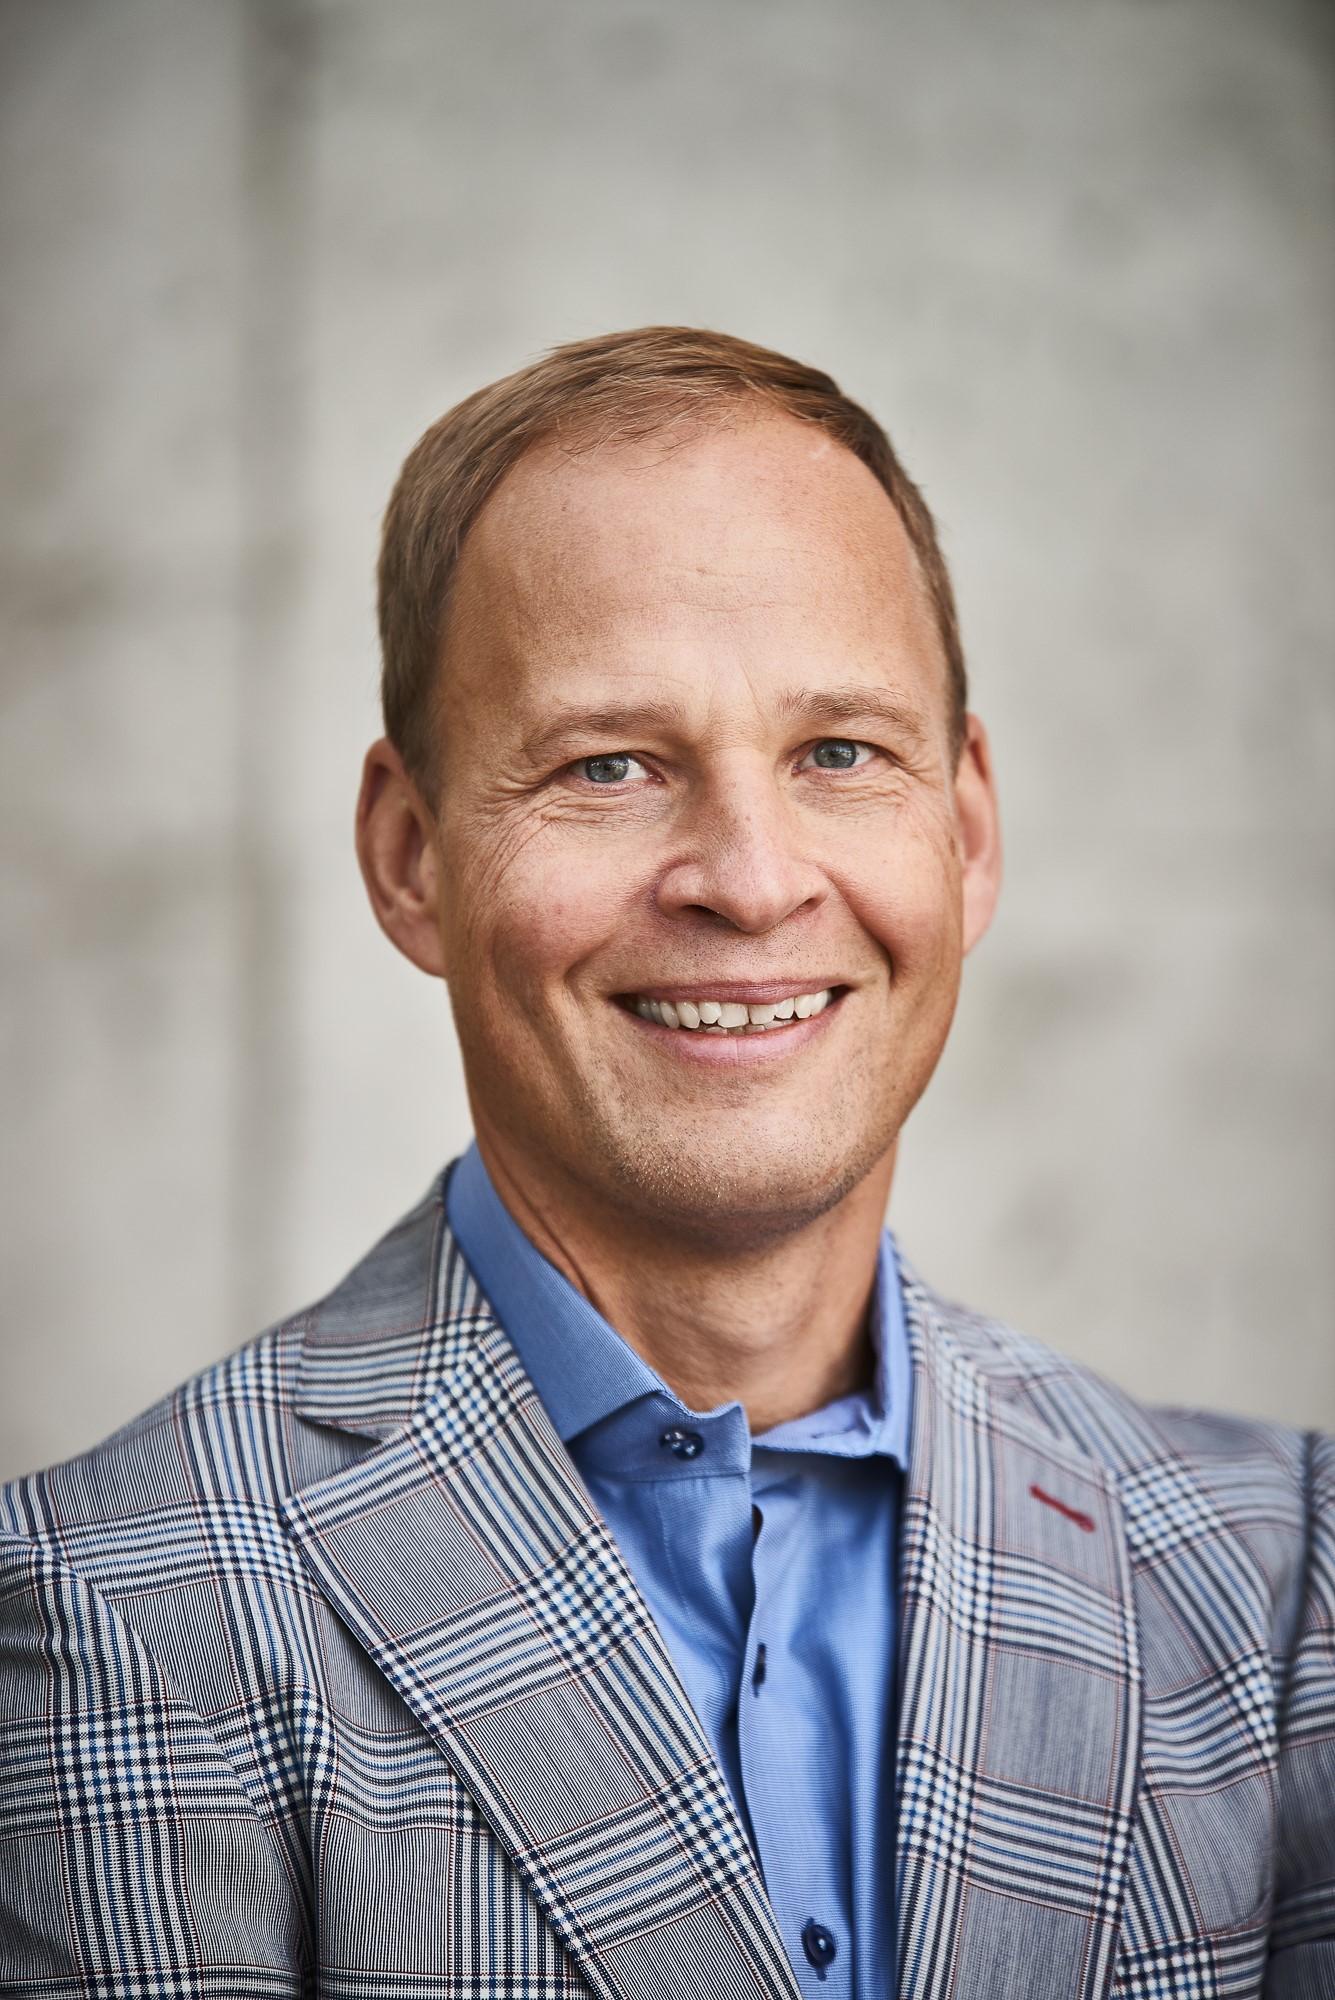 Thorsten Porath